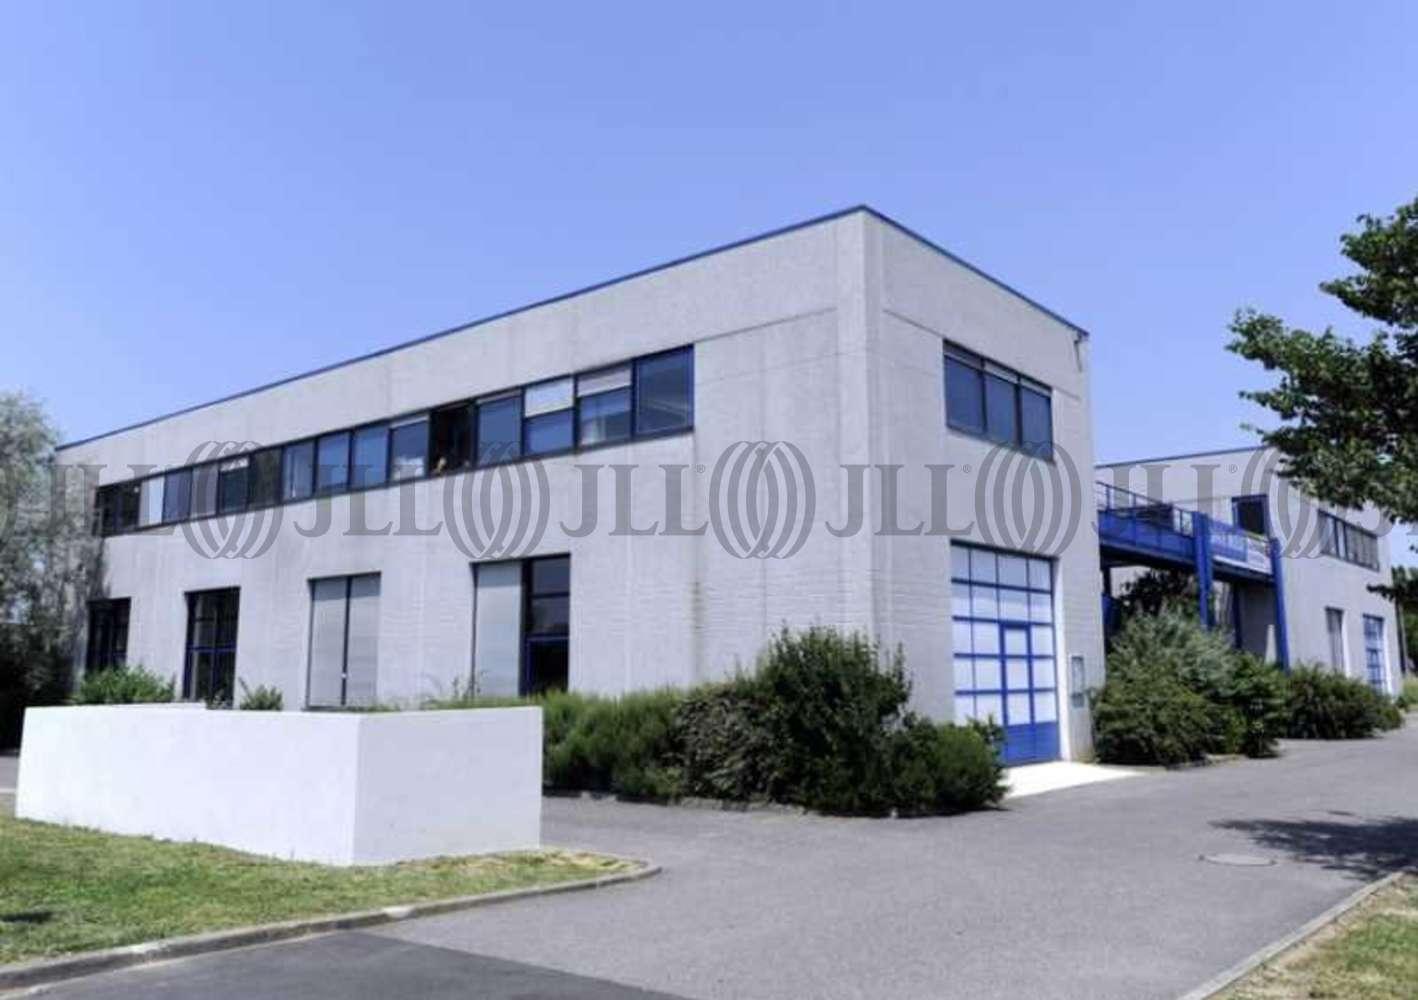 Activités/entrepôt Labege, 31670 - 1388 VOIE L'OCCITANE - 10887181